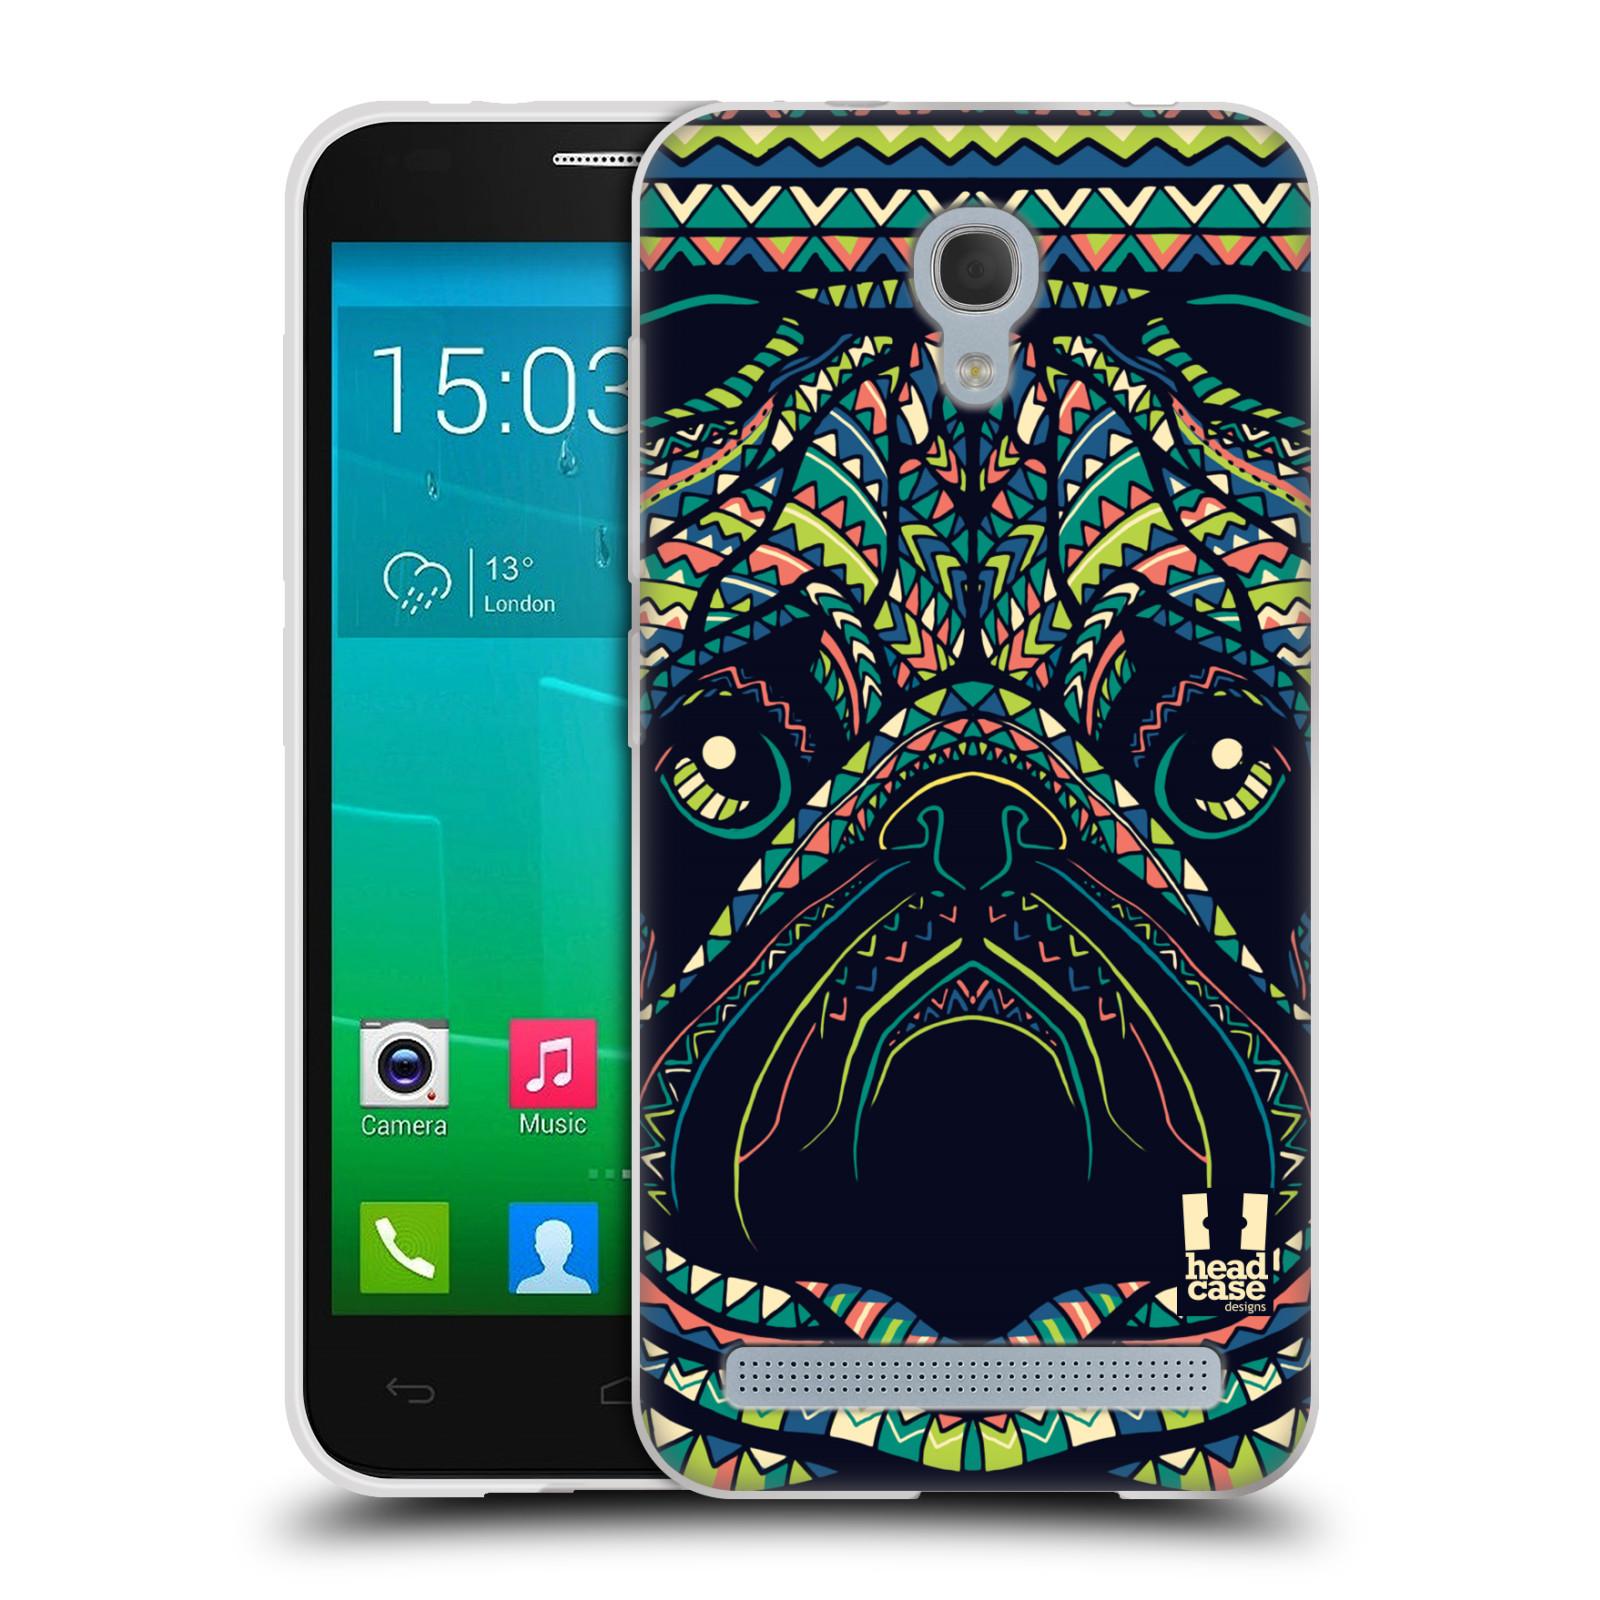 HEAD CASE silikonový obal na mobil Alcatel Idol 2 MINI S 6036Y vzor Aztécký motiv zvíře 3 mopsík